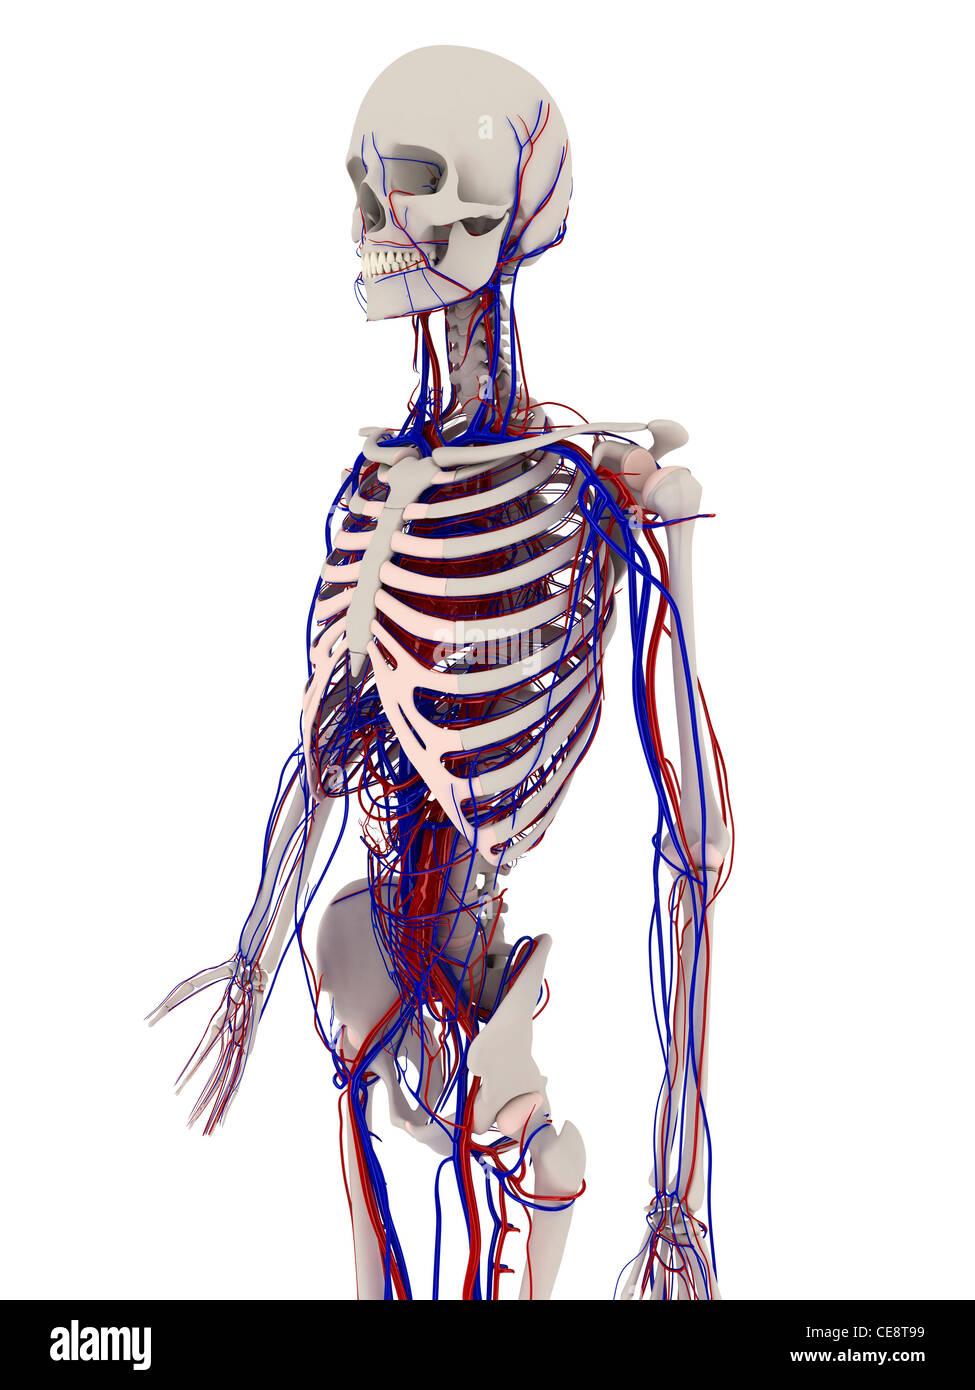 Nett Anatomie Des Menschen Herz Kreislauf System Fotos - Menschliche ...